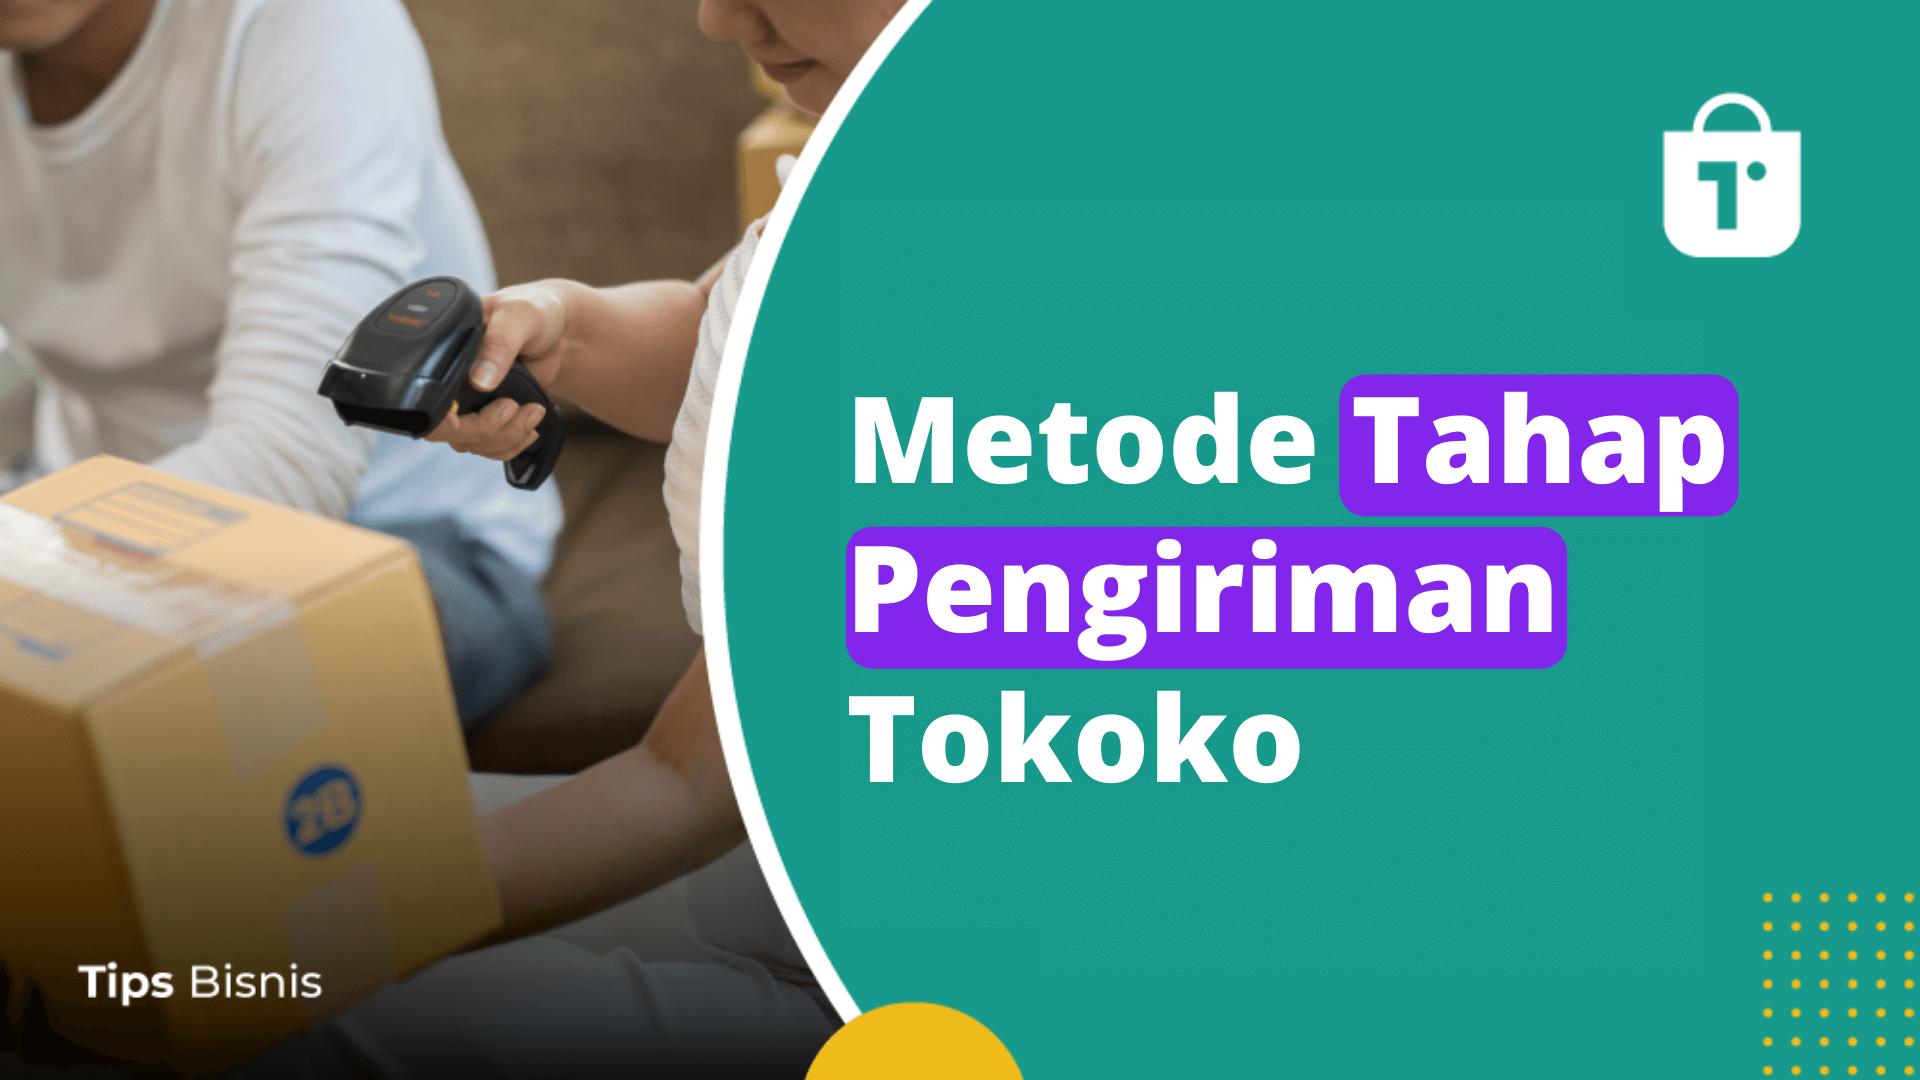 Metode Tahap Pengiriman Tokoko